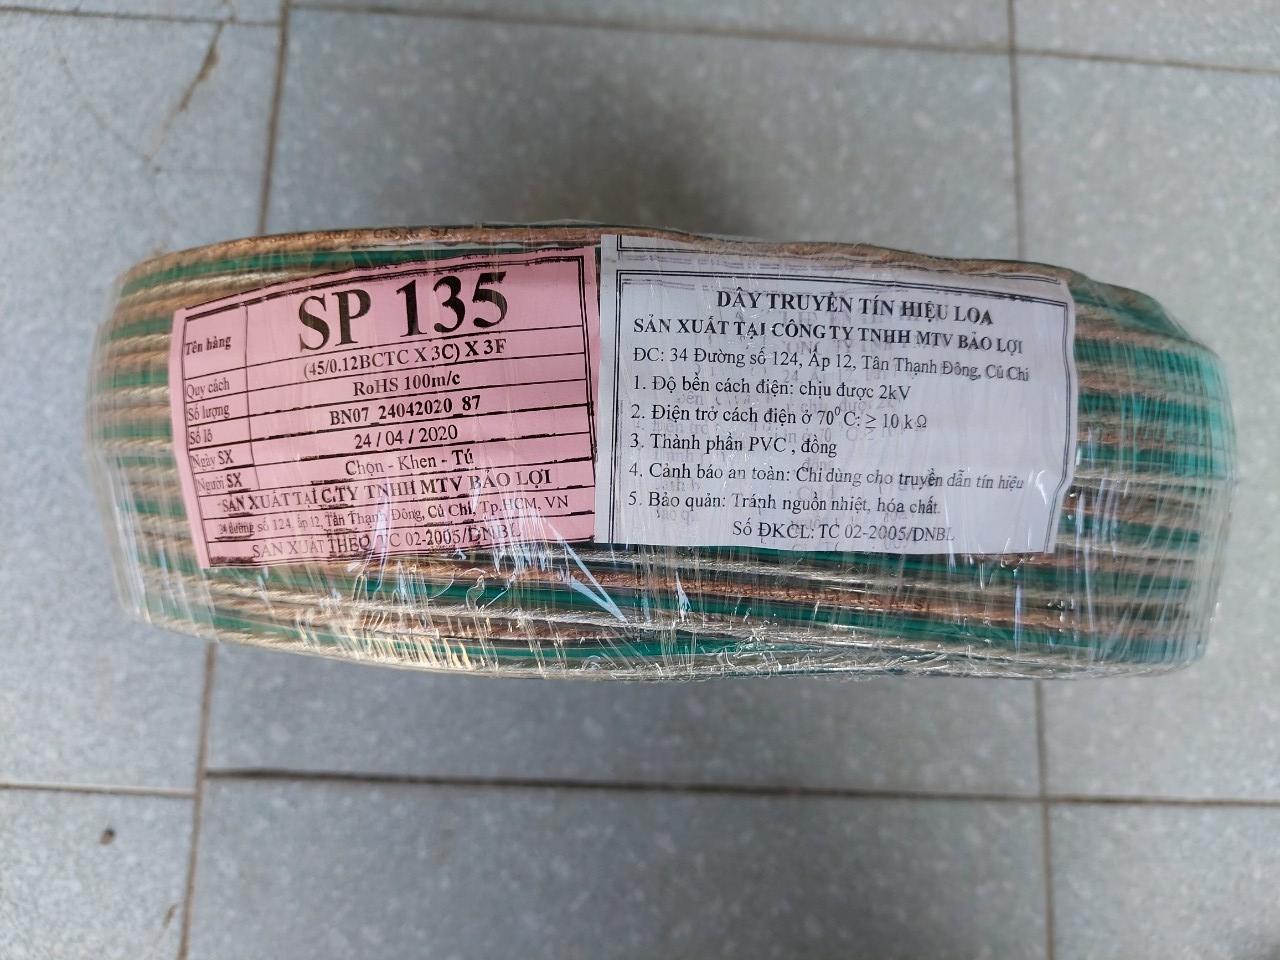 Cáp âm thanh Poli SP135, dây tín hiệu loa Bảo Lợi 2x2.5